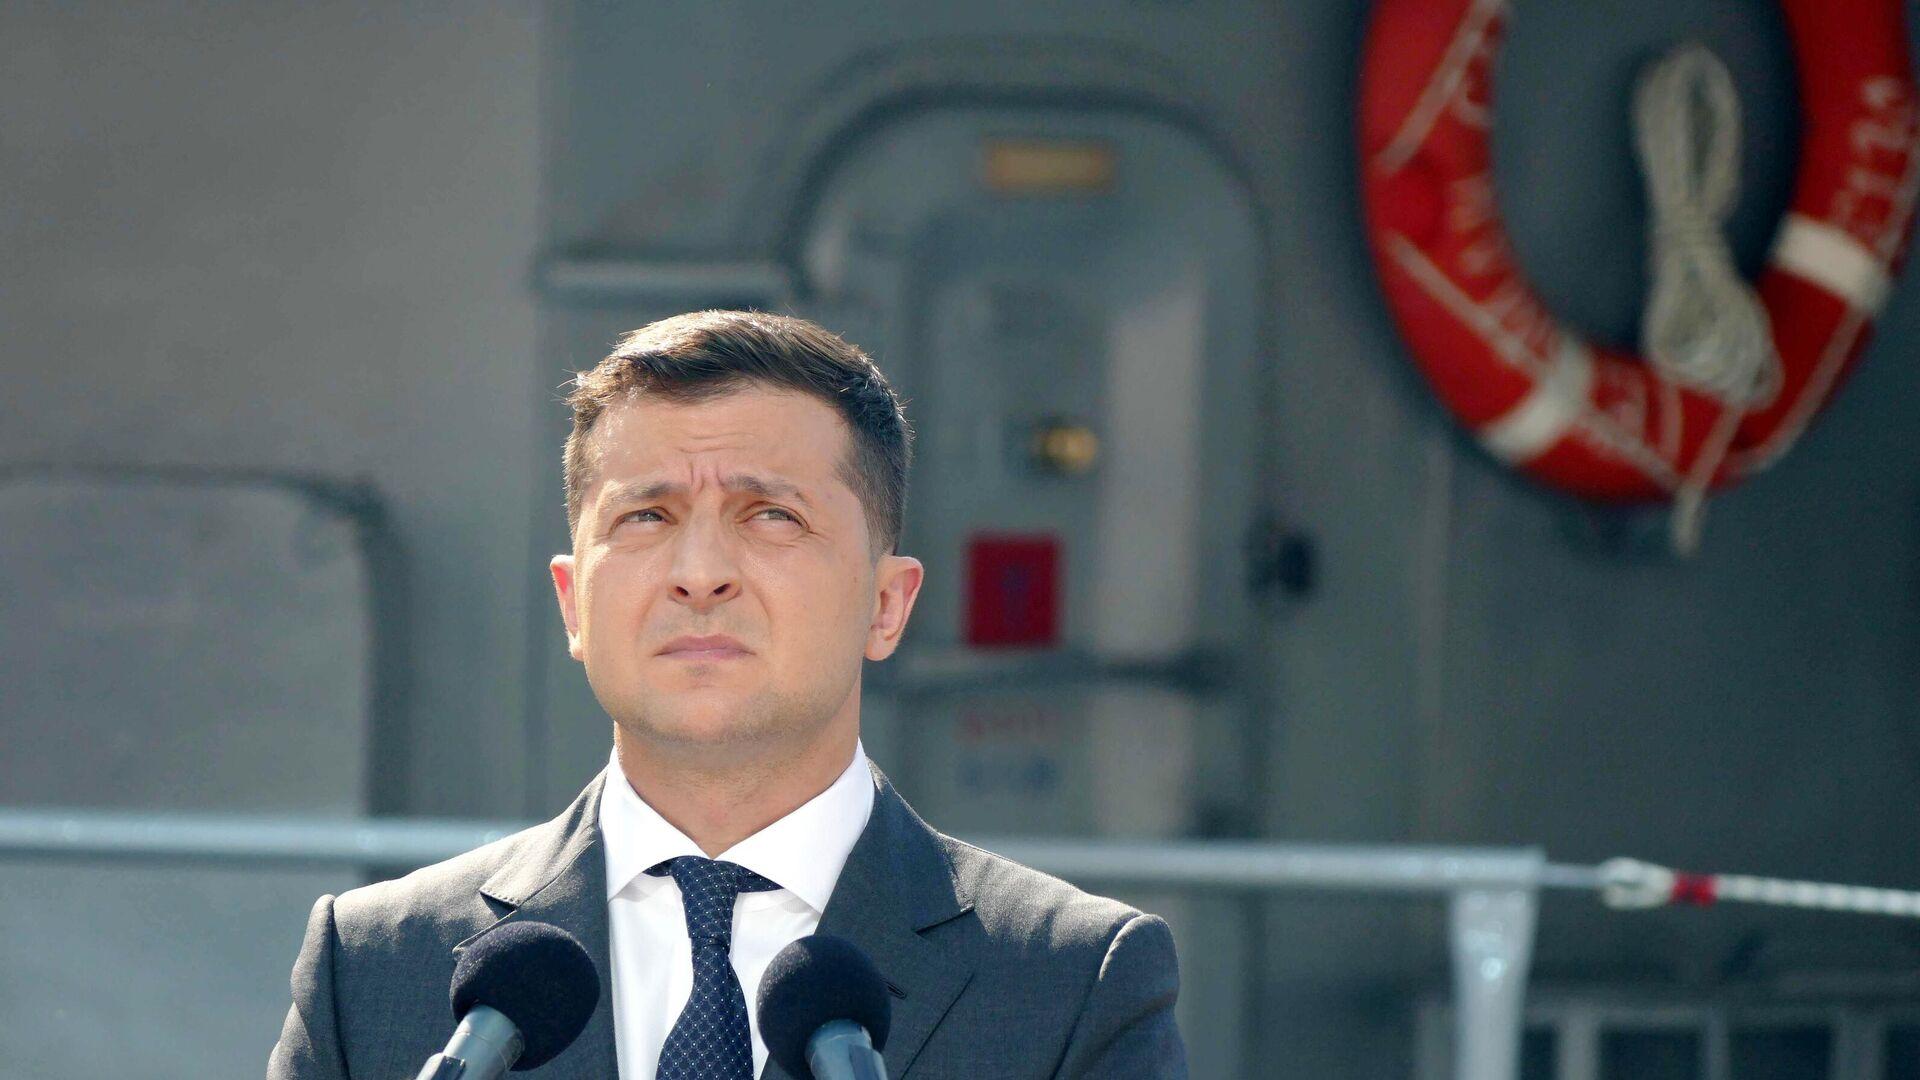 Президент Украины Владимир Зеленский принимает участие в военно-морском параде в честь Дня ВМС Украины - РИА Новости, 1920, 11.09.2020